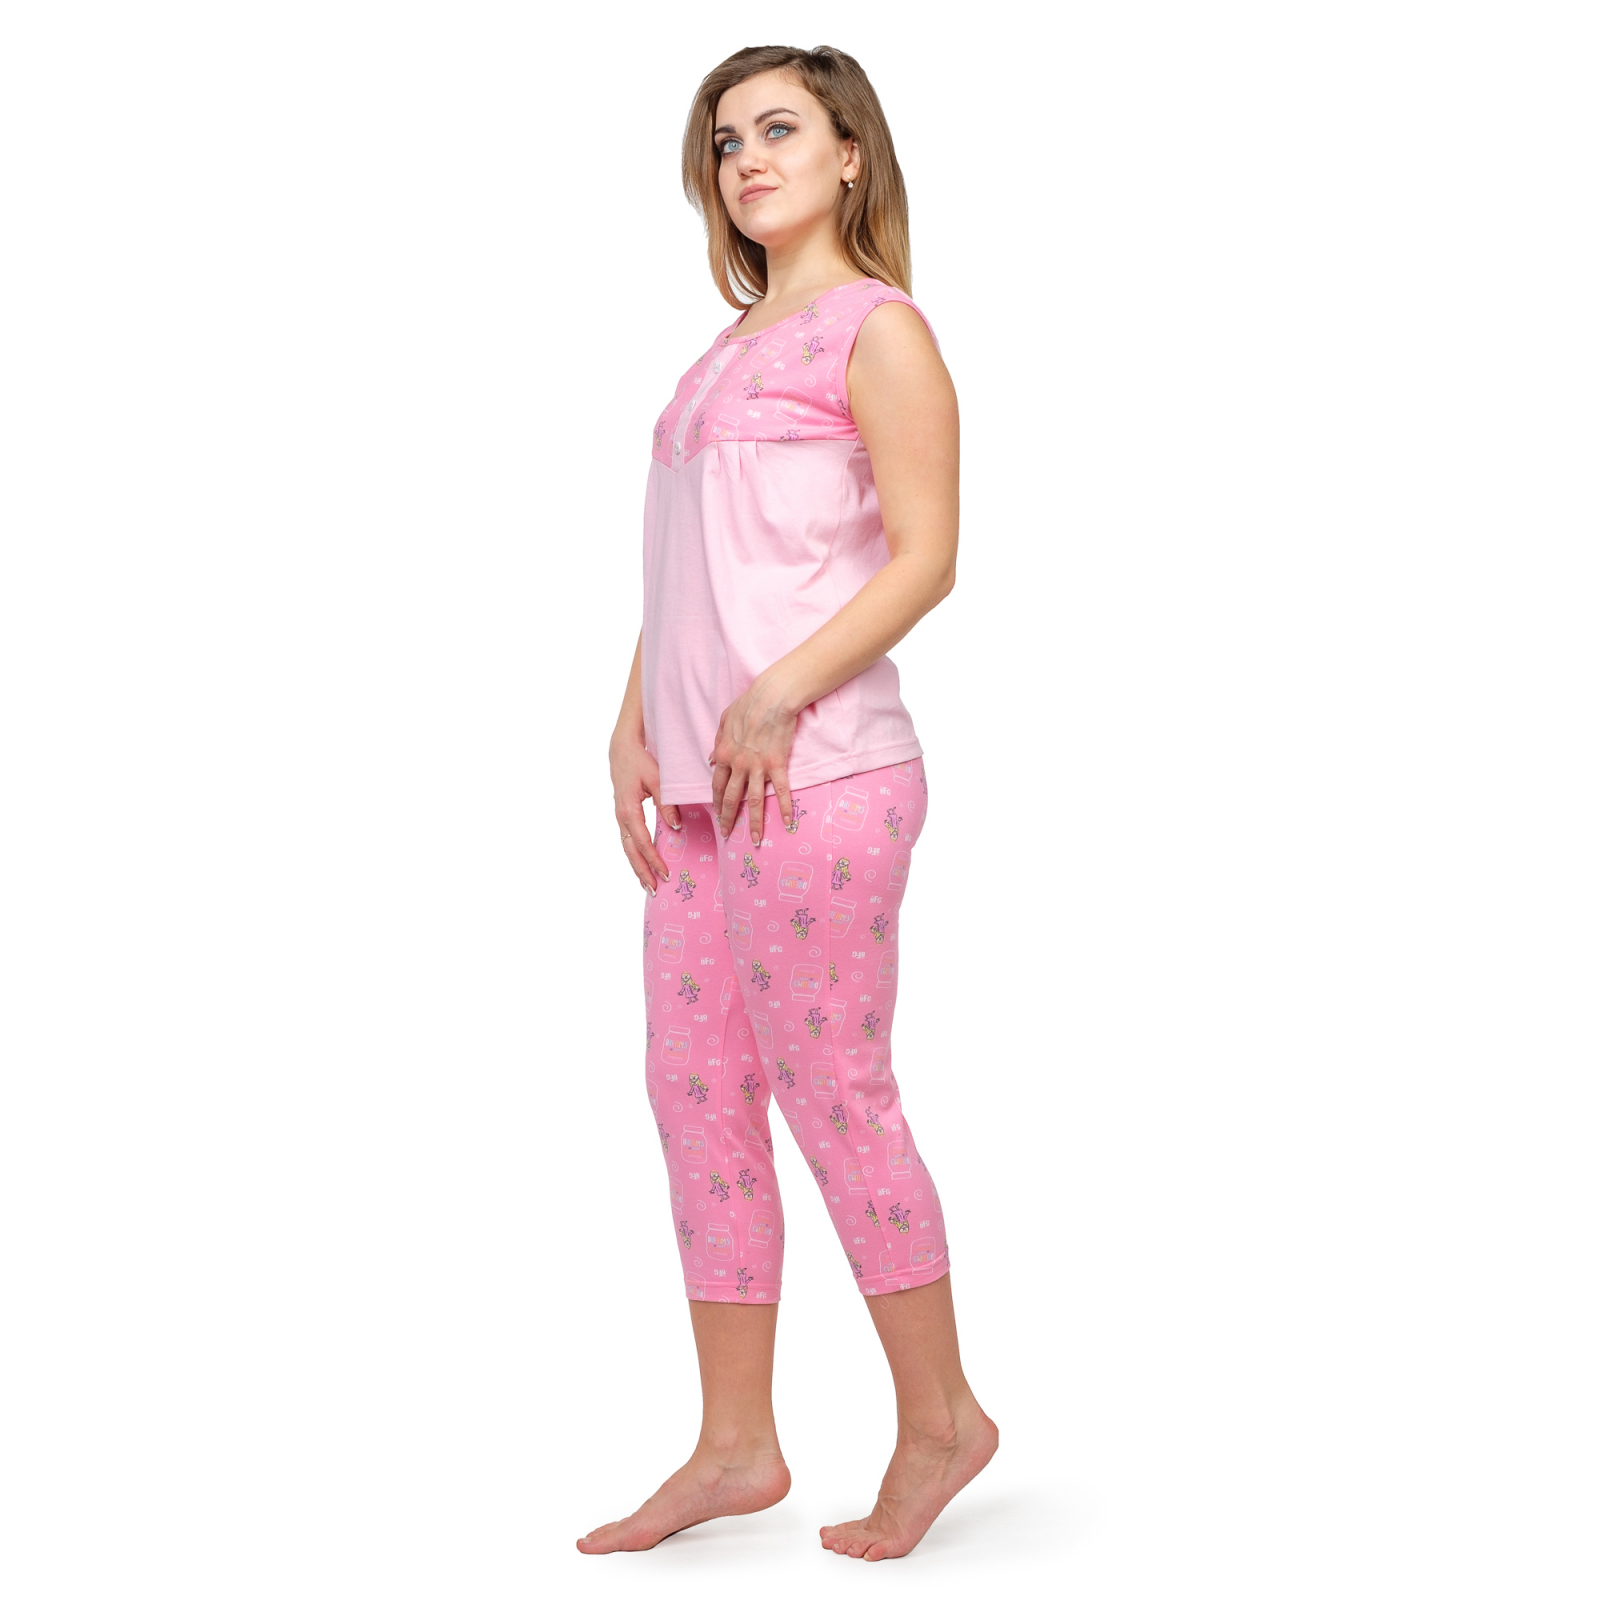 Пижама (майка+бриджи) розовая М-0087Р